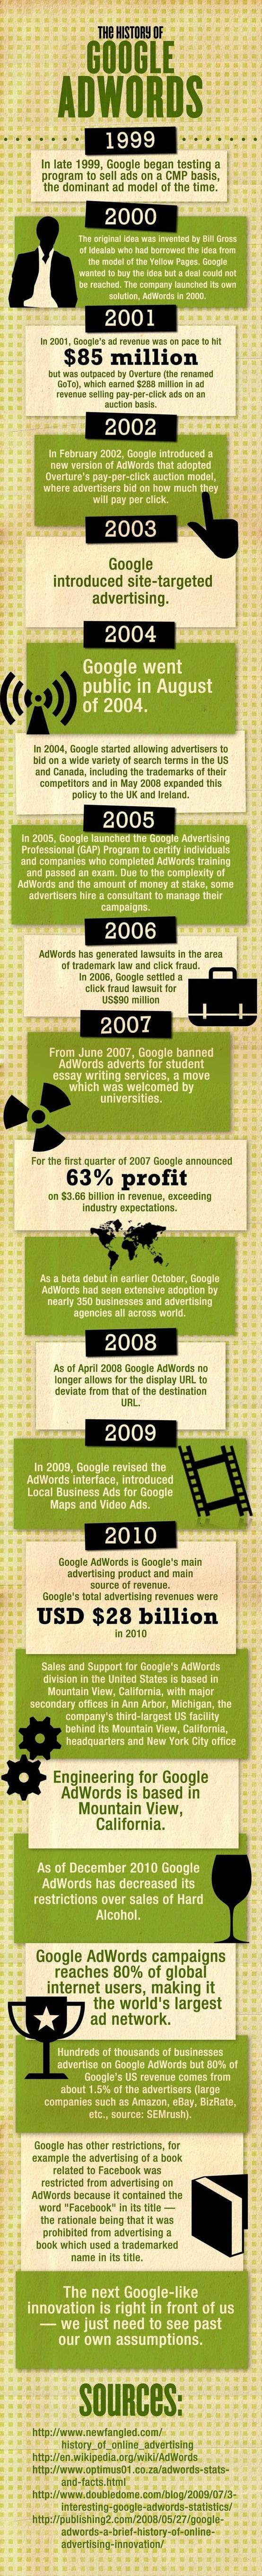 Historia de Google Adwords